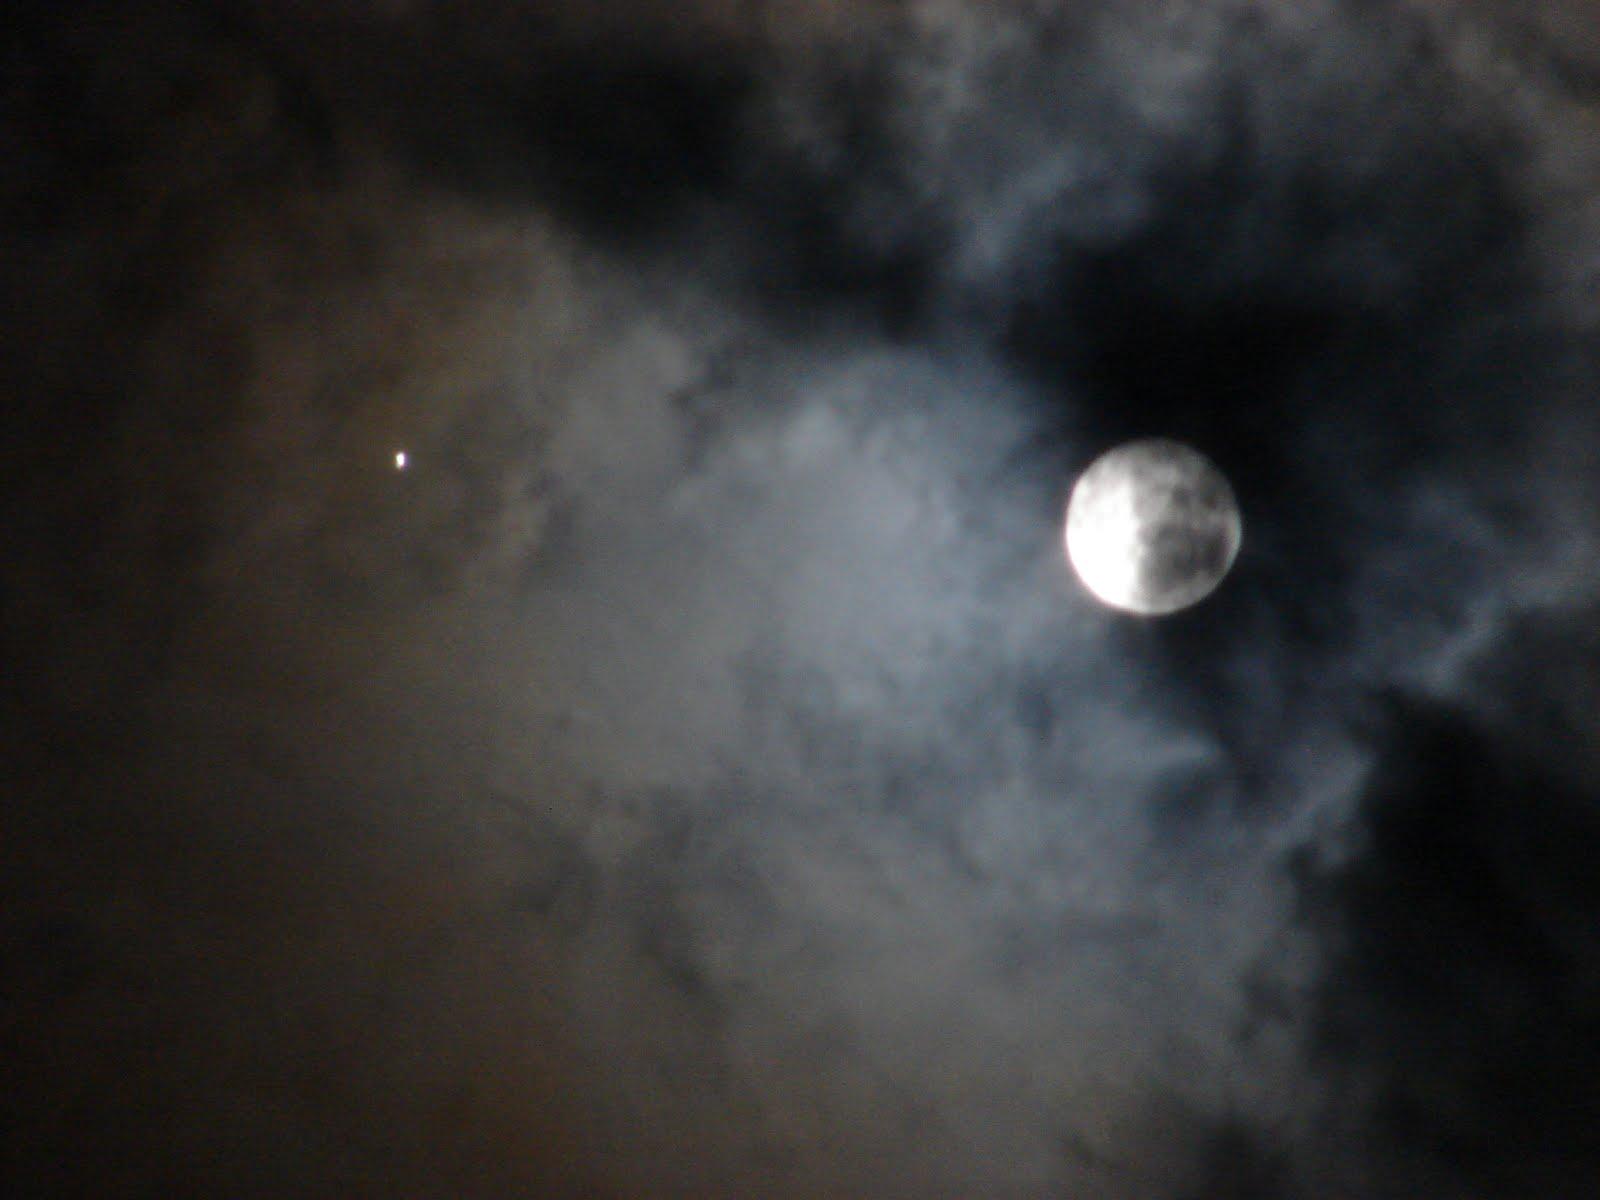 Atencion-29-30-noviembre-2012-La LUNA llena-ZAROS-145-alineada con Ovni,Eclipse Lunar-lumbral-sec